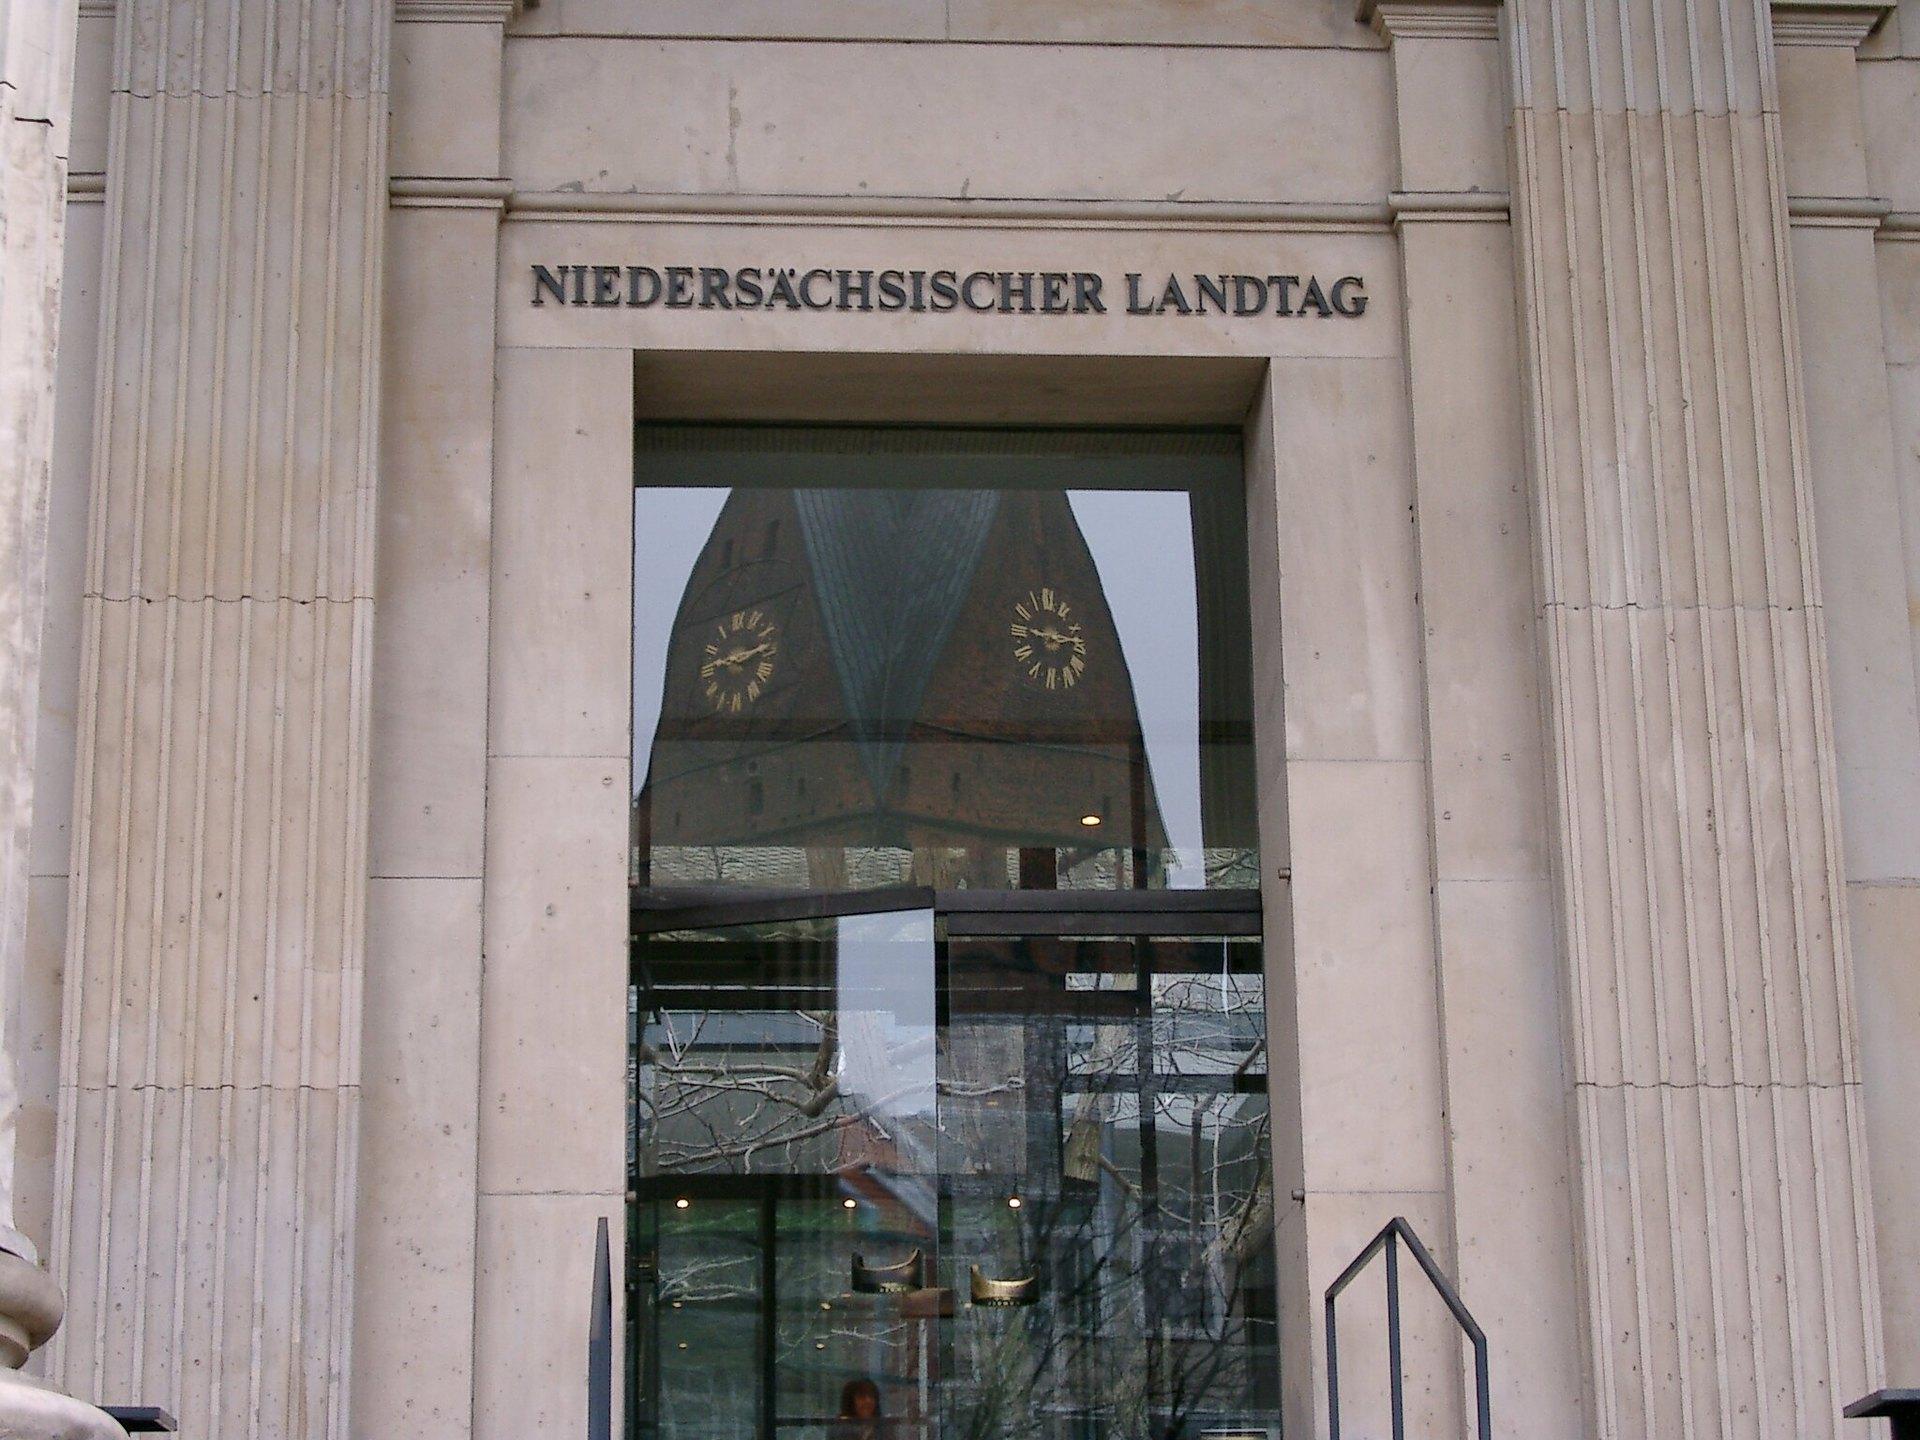 Michael Radtke - Landtag - CC BY-ND 2.0 - flickr